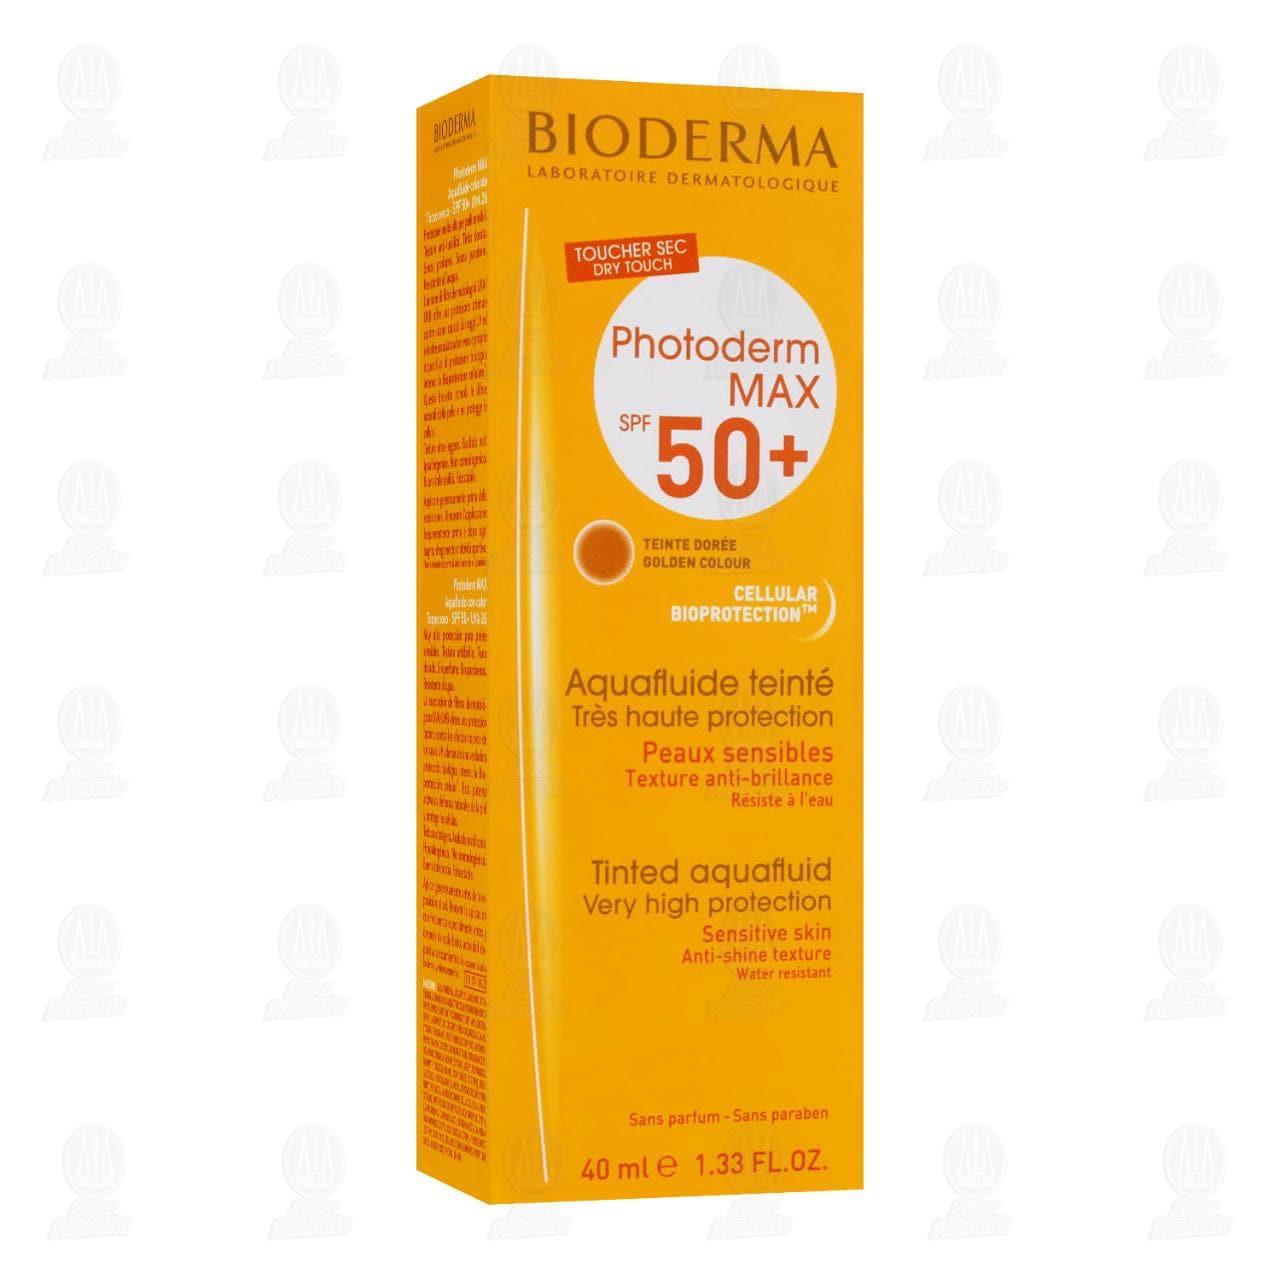 Comprar Protector Solar Bioderma Photoderm MAX Toque Seco SPF 50+ Tono Dorado, 40 ml. en Farmacias Guadalajara